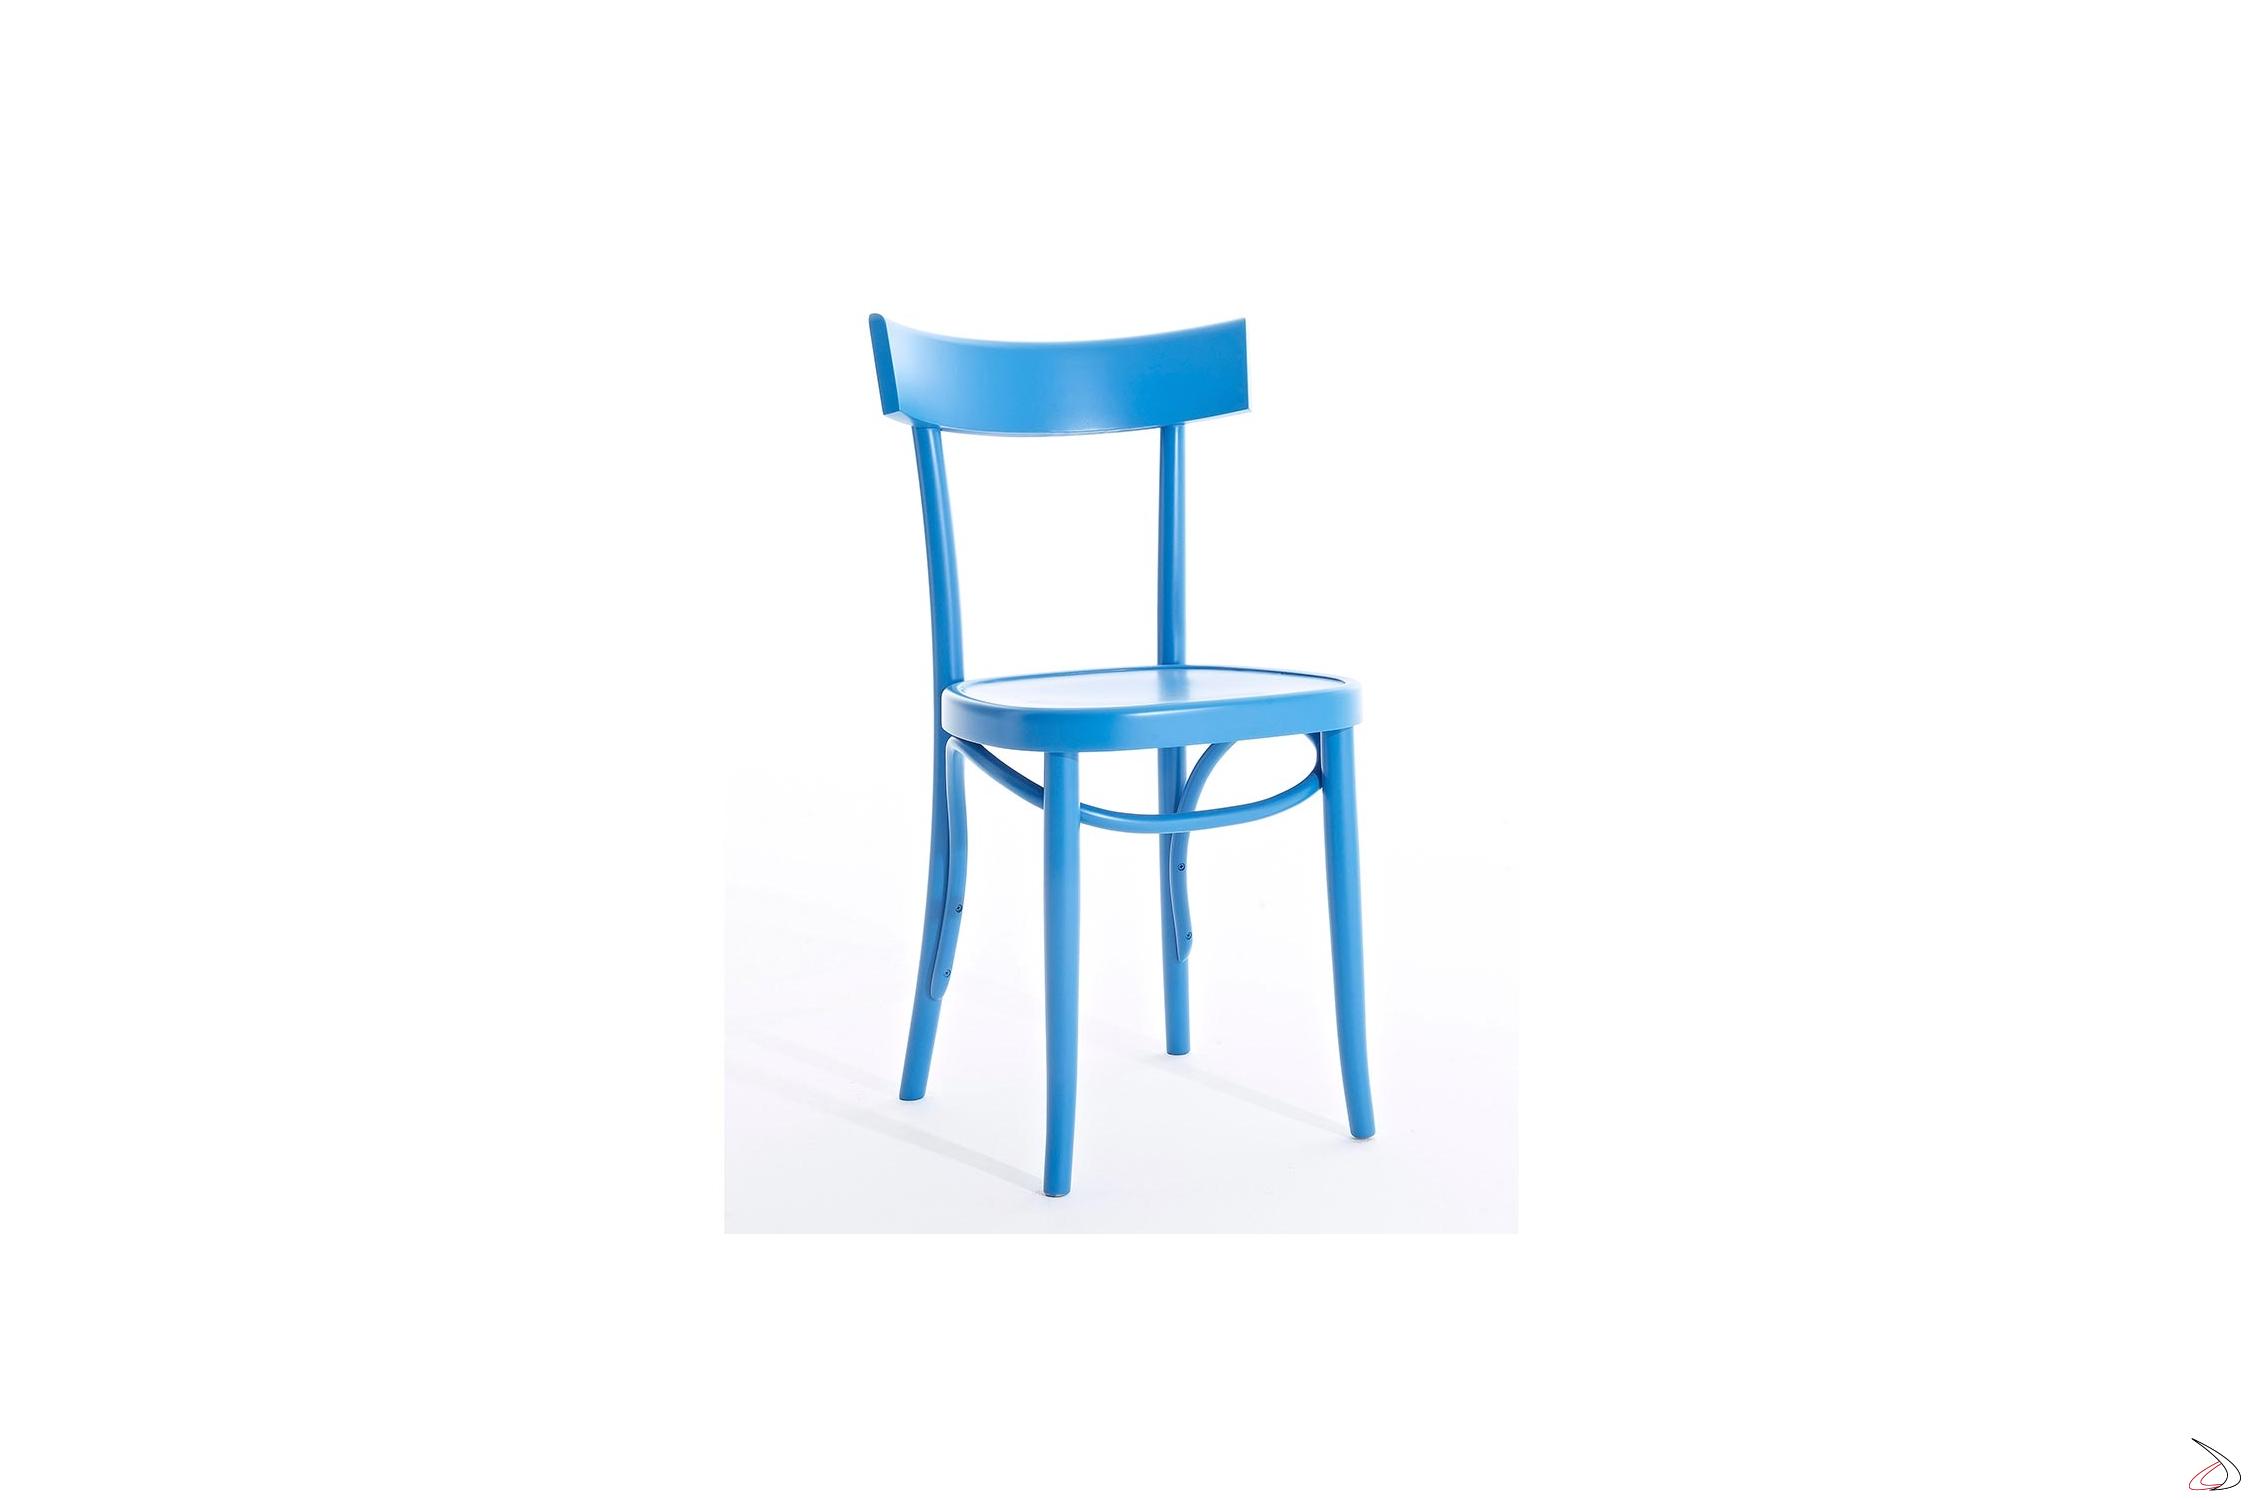 Colorati D Azzurro Chiaro brera chair